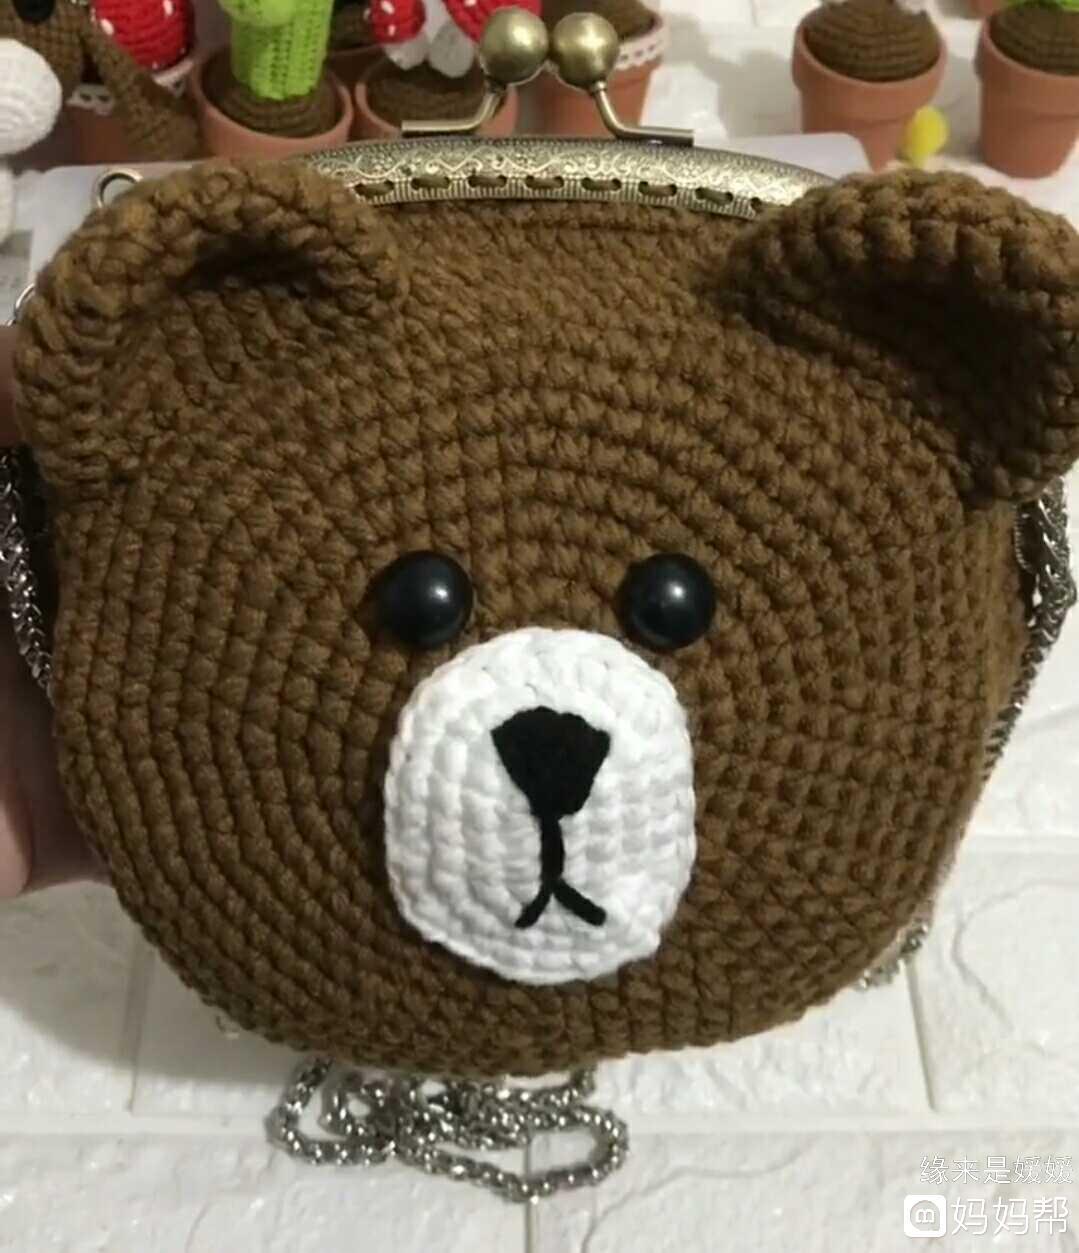 会钩针的宝妈注意啦,哪位宝妈有熊熊包图解,想给闺女钩一个包包